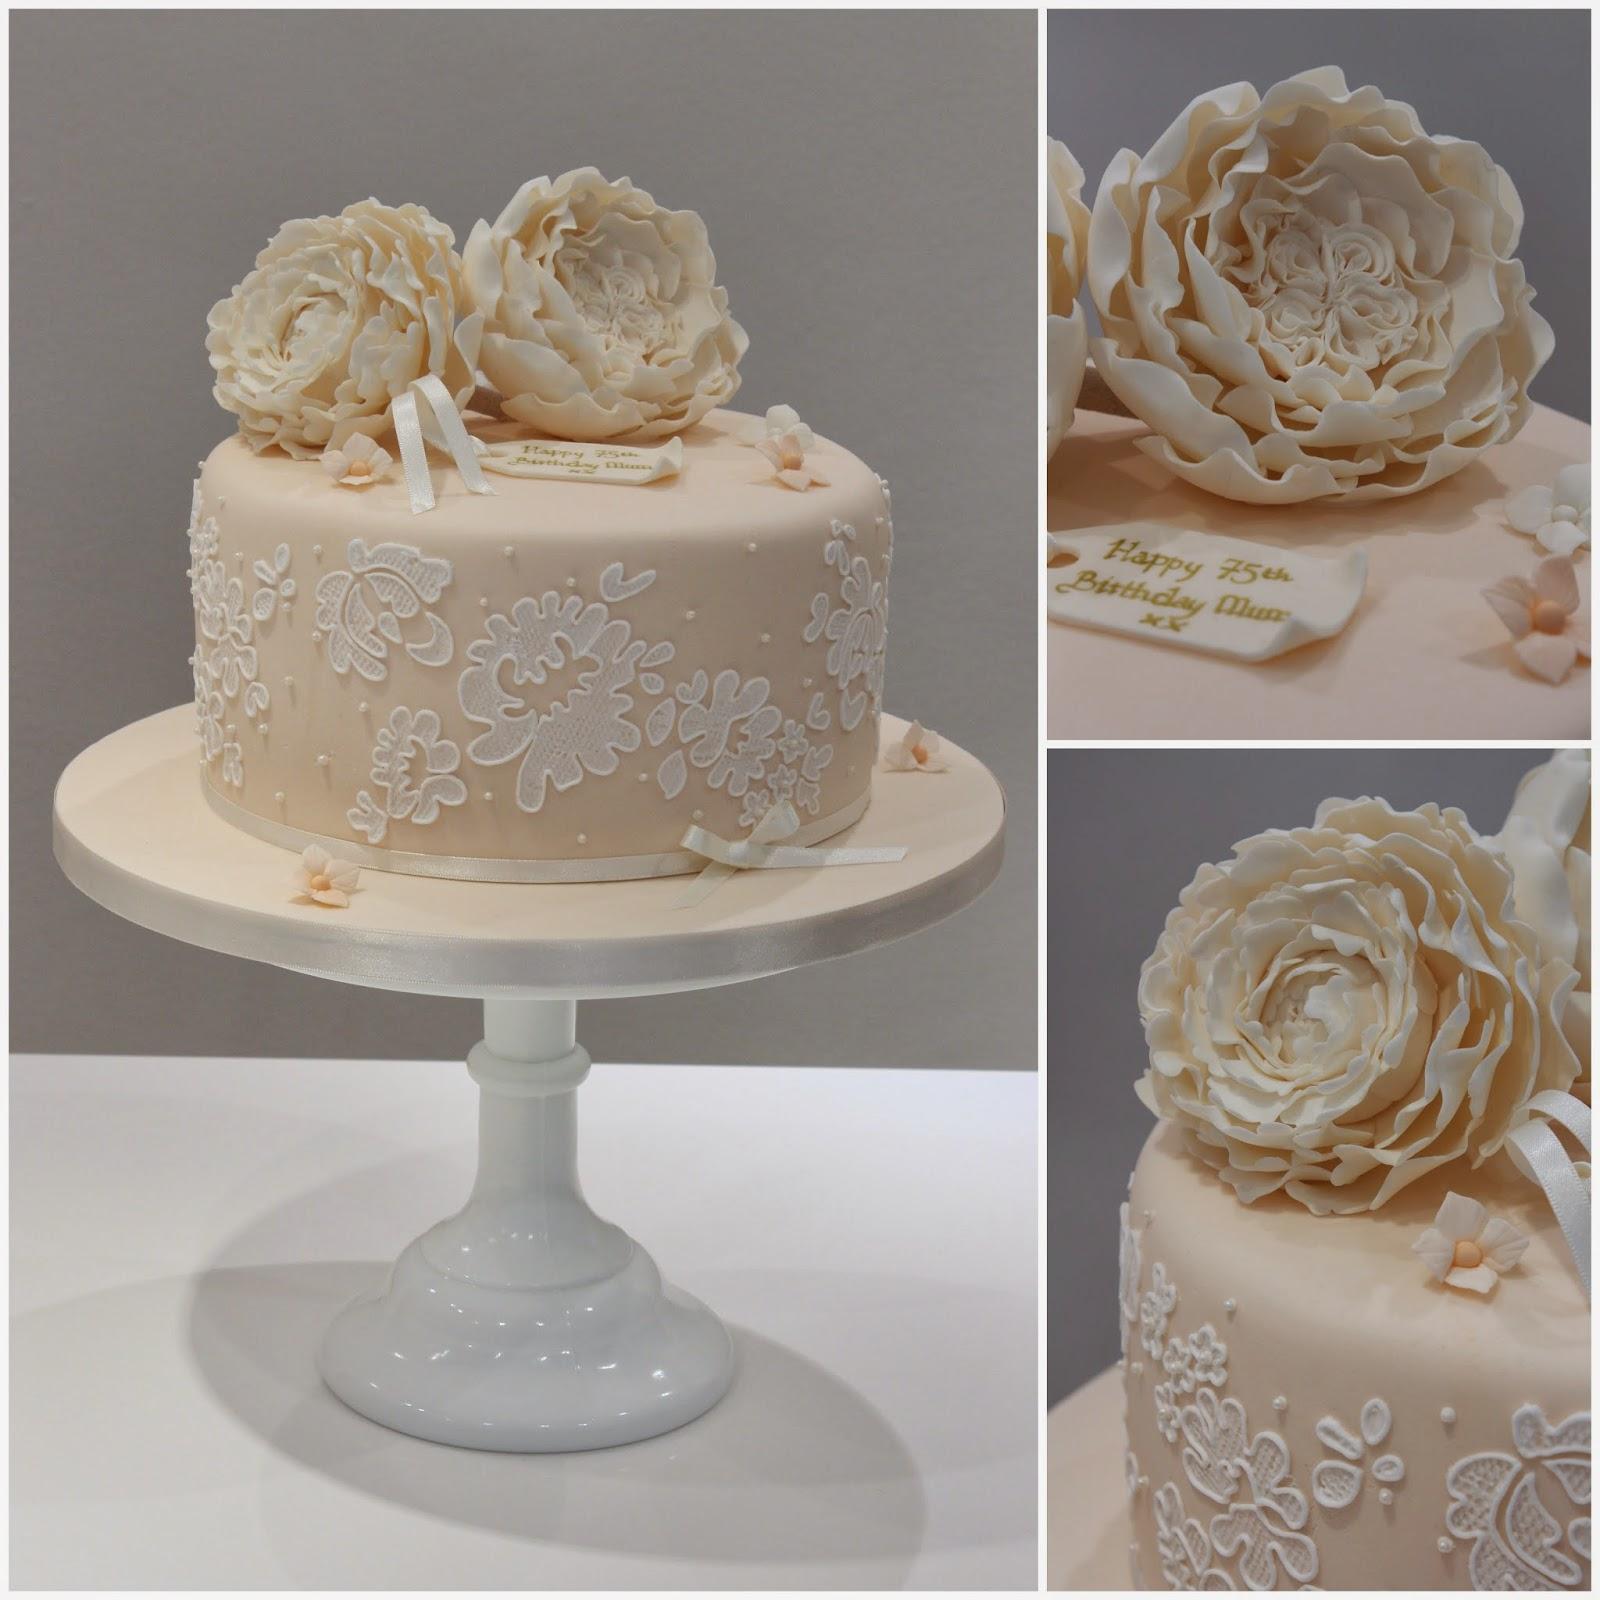 Tiers & Tiaras: David Austin Vintage Birthday Cake